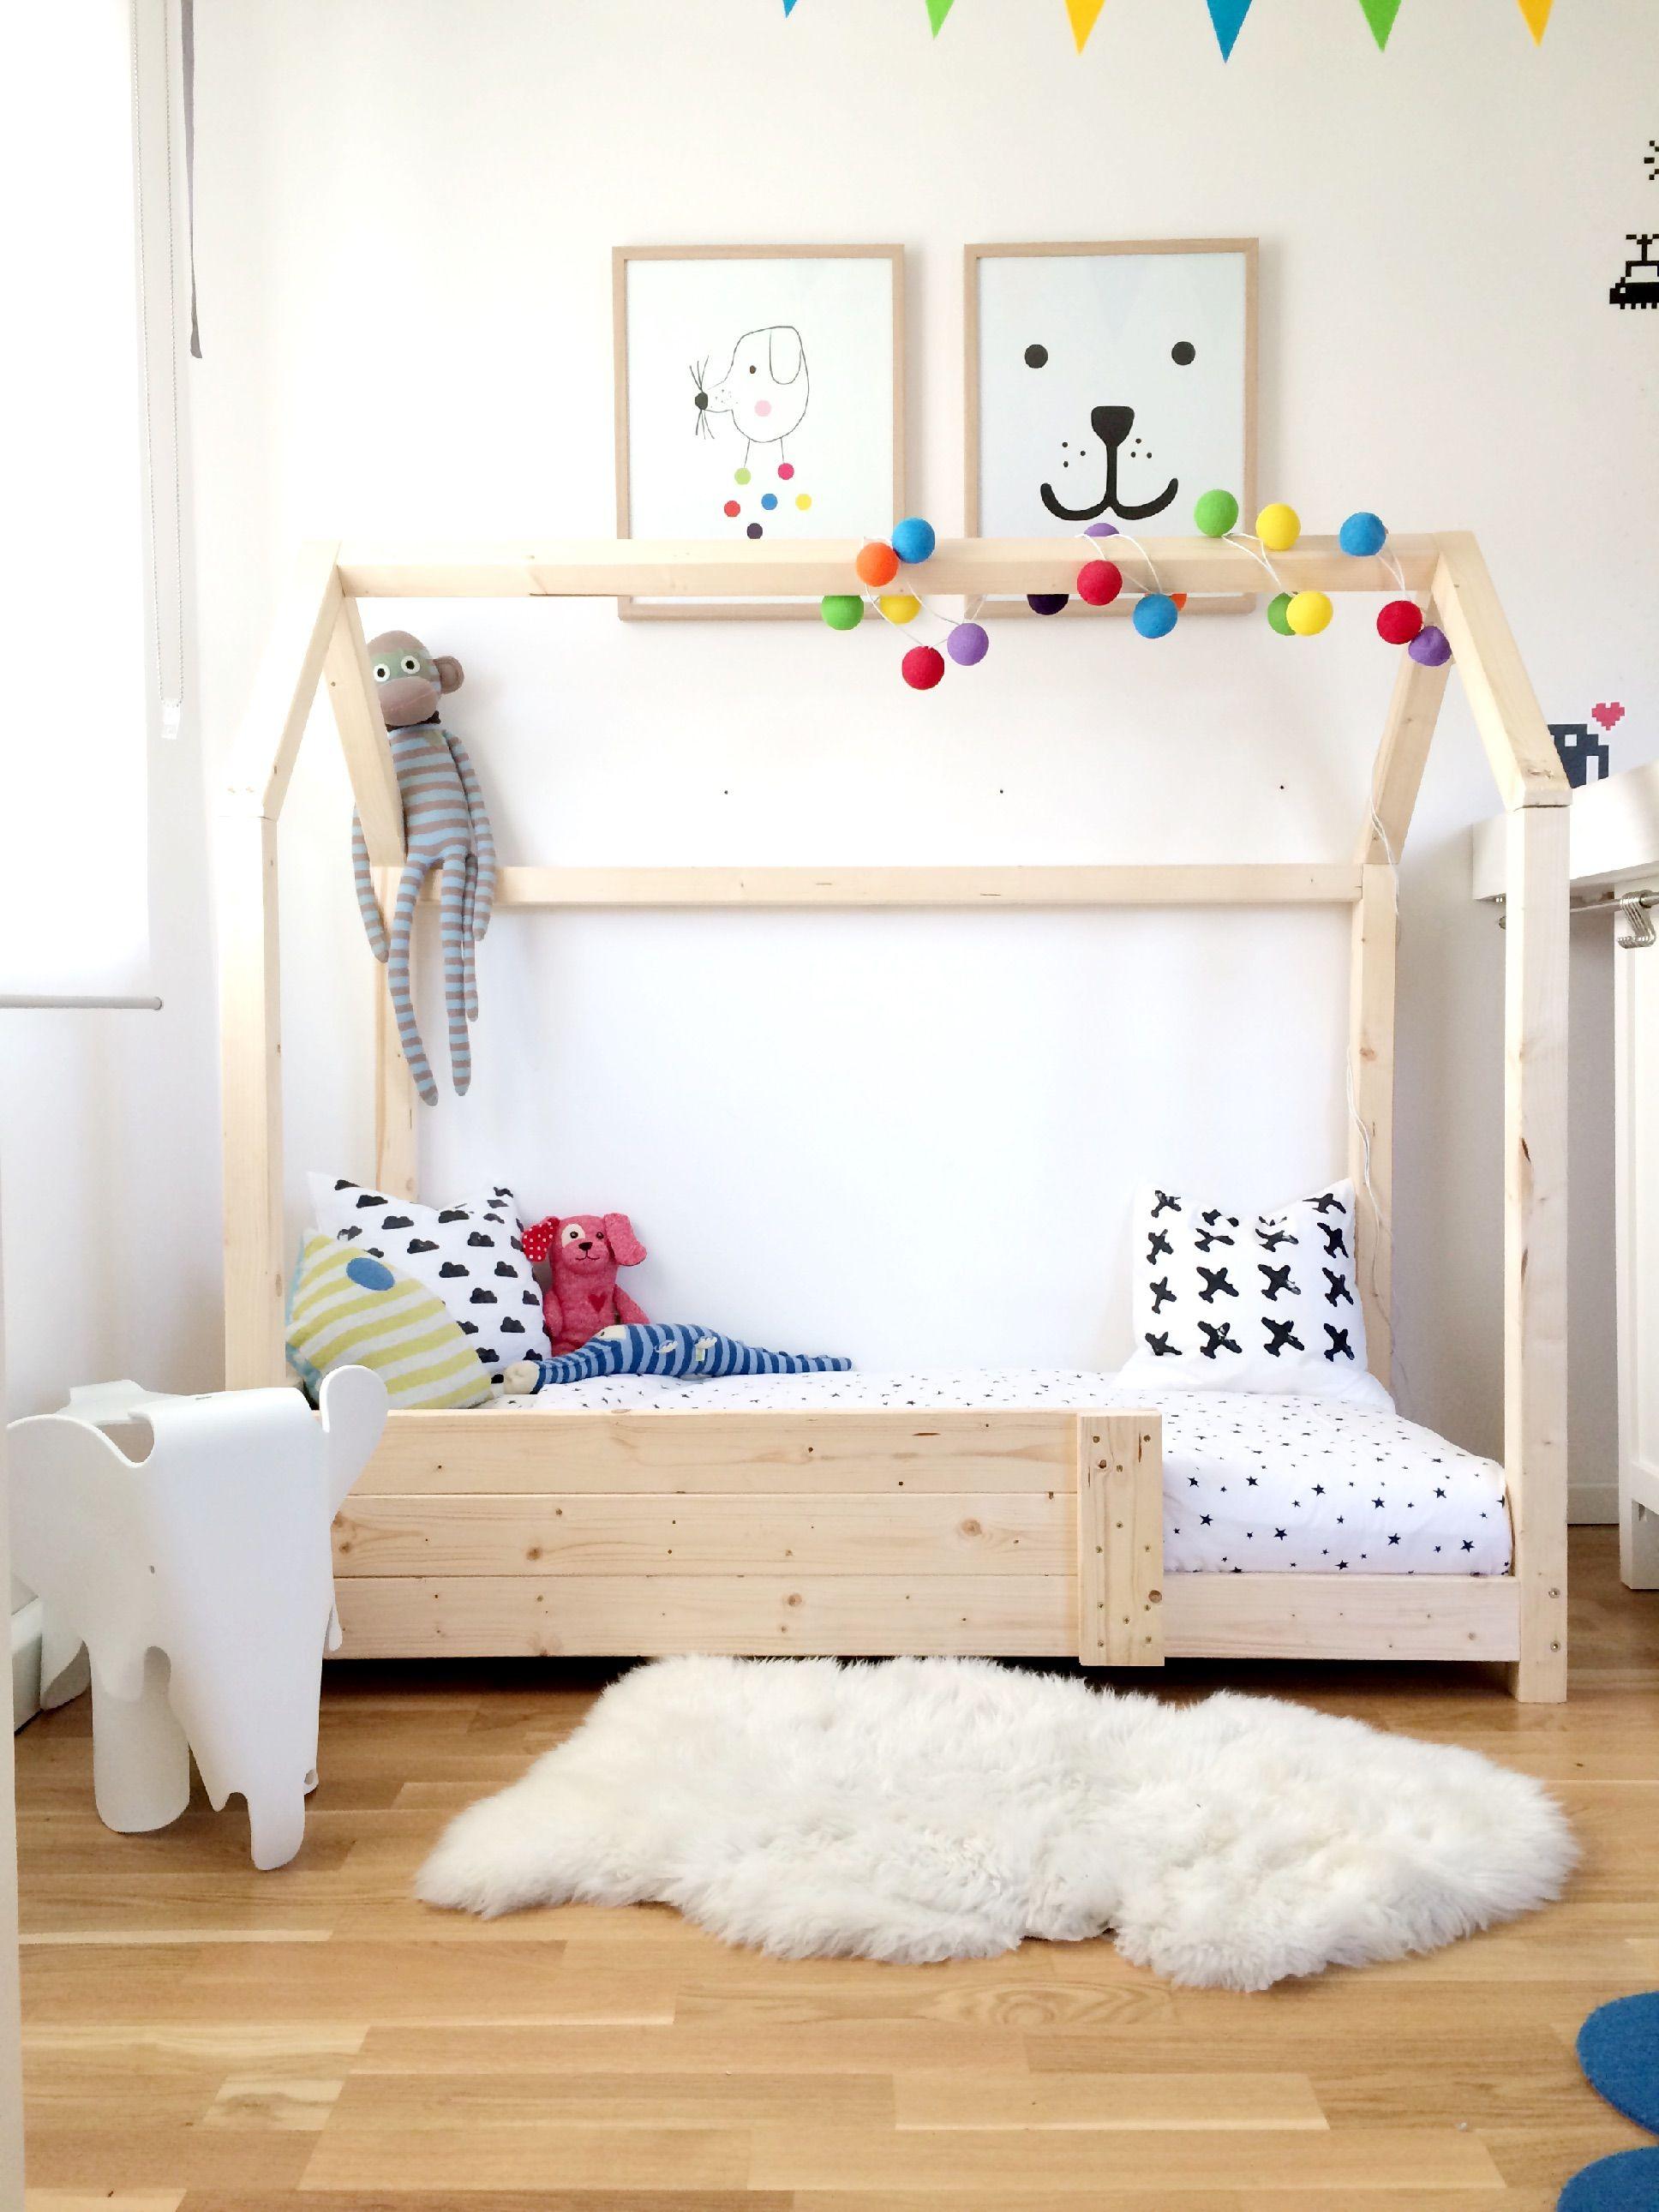 diy häuschenbett | design, house and toddlers - Kinderzimmer Mobel Einrichtung Kids Young Kollektion Lago Design Bilder